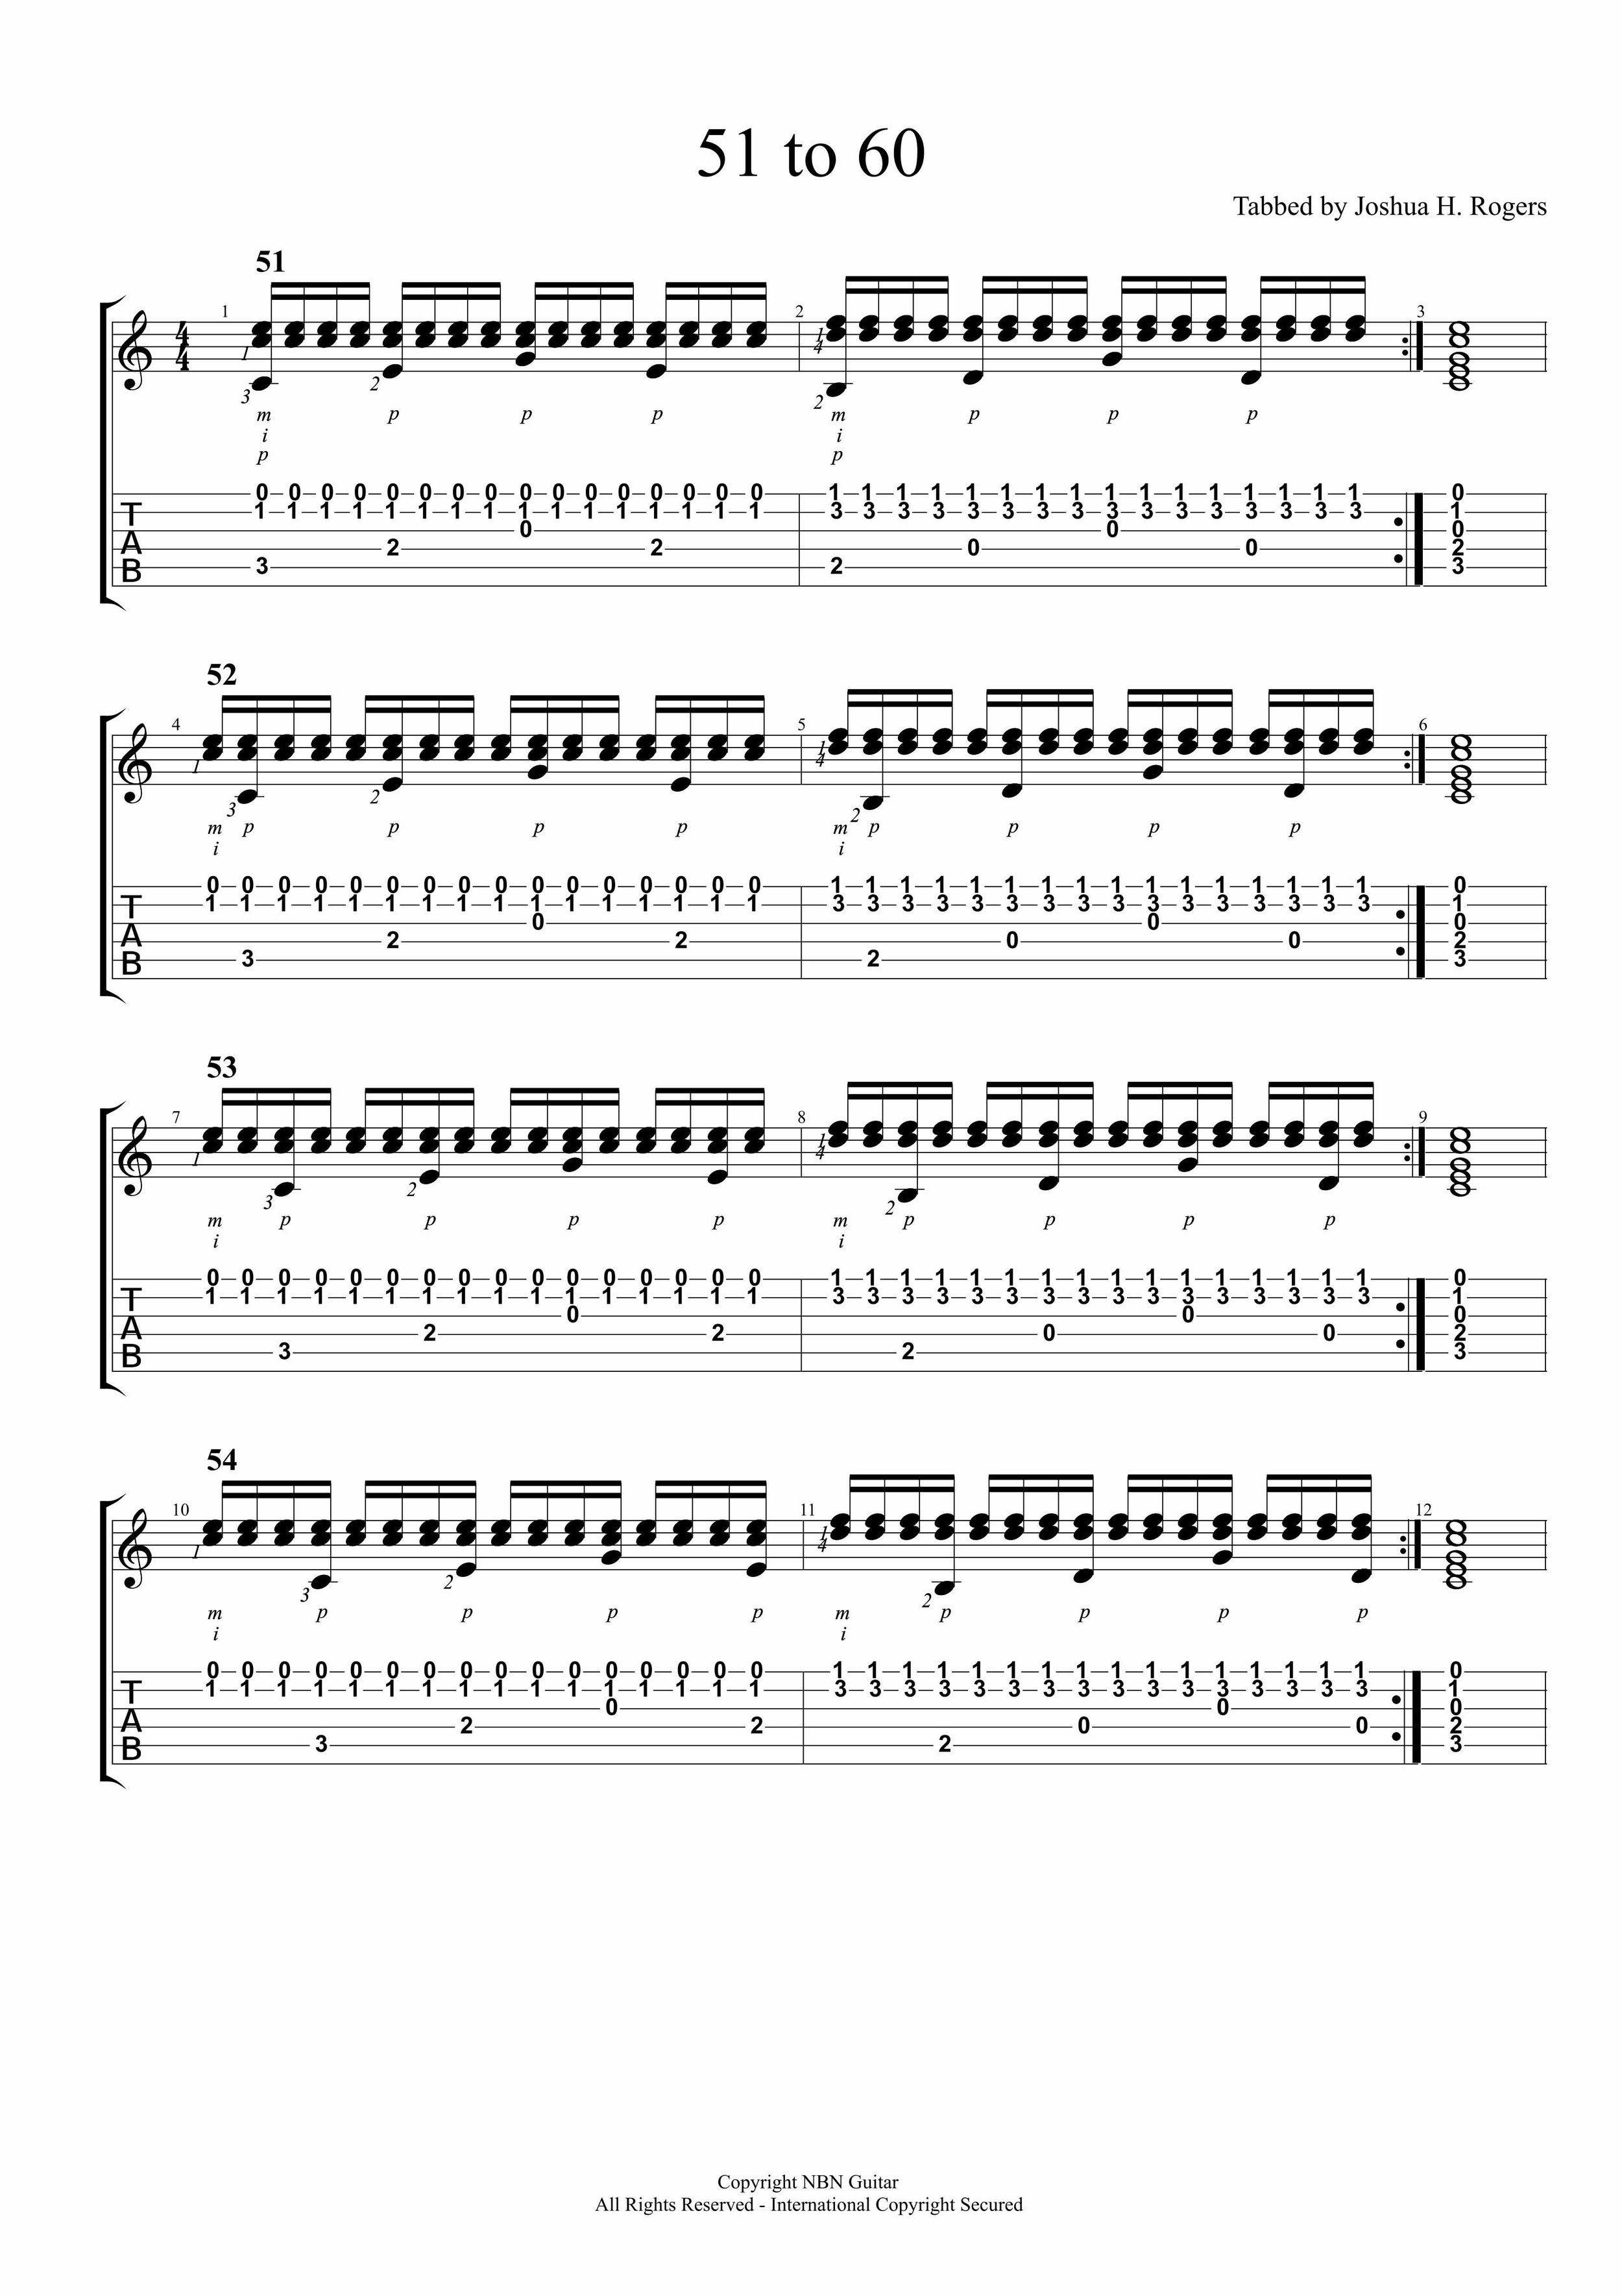 Giuliani Right-Hand Studies 51 to 60-p1.jpg